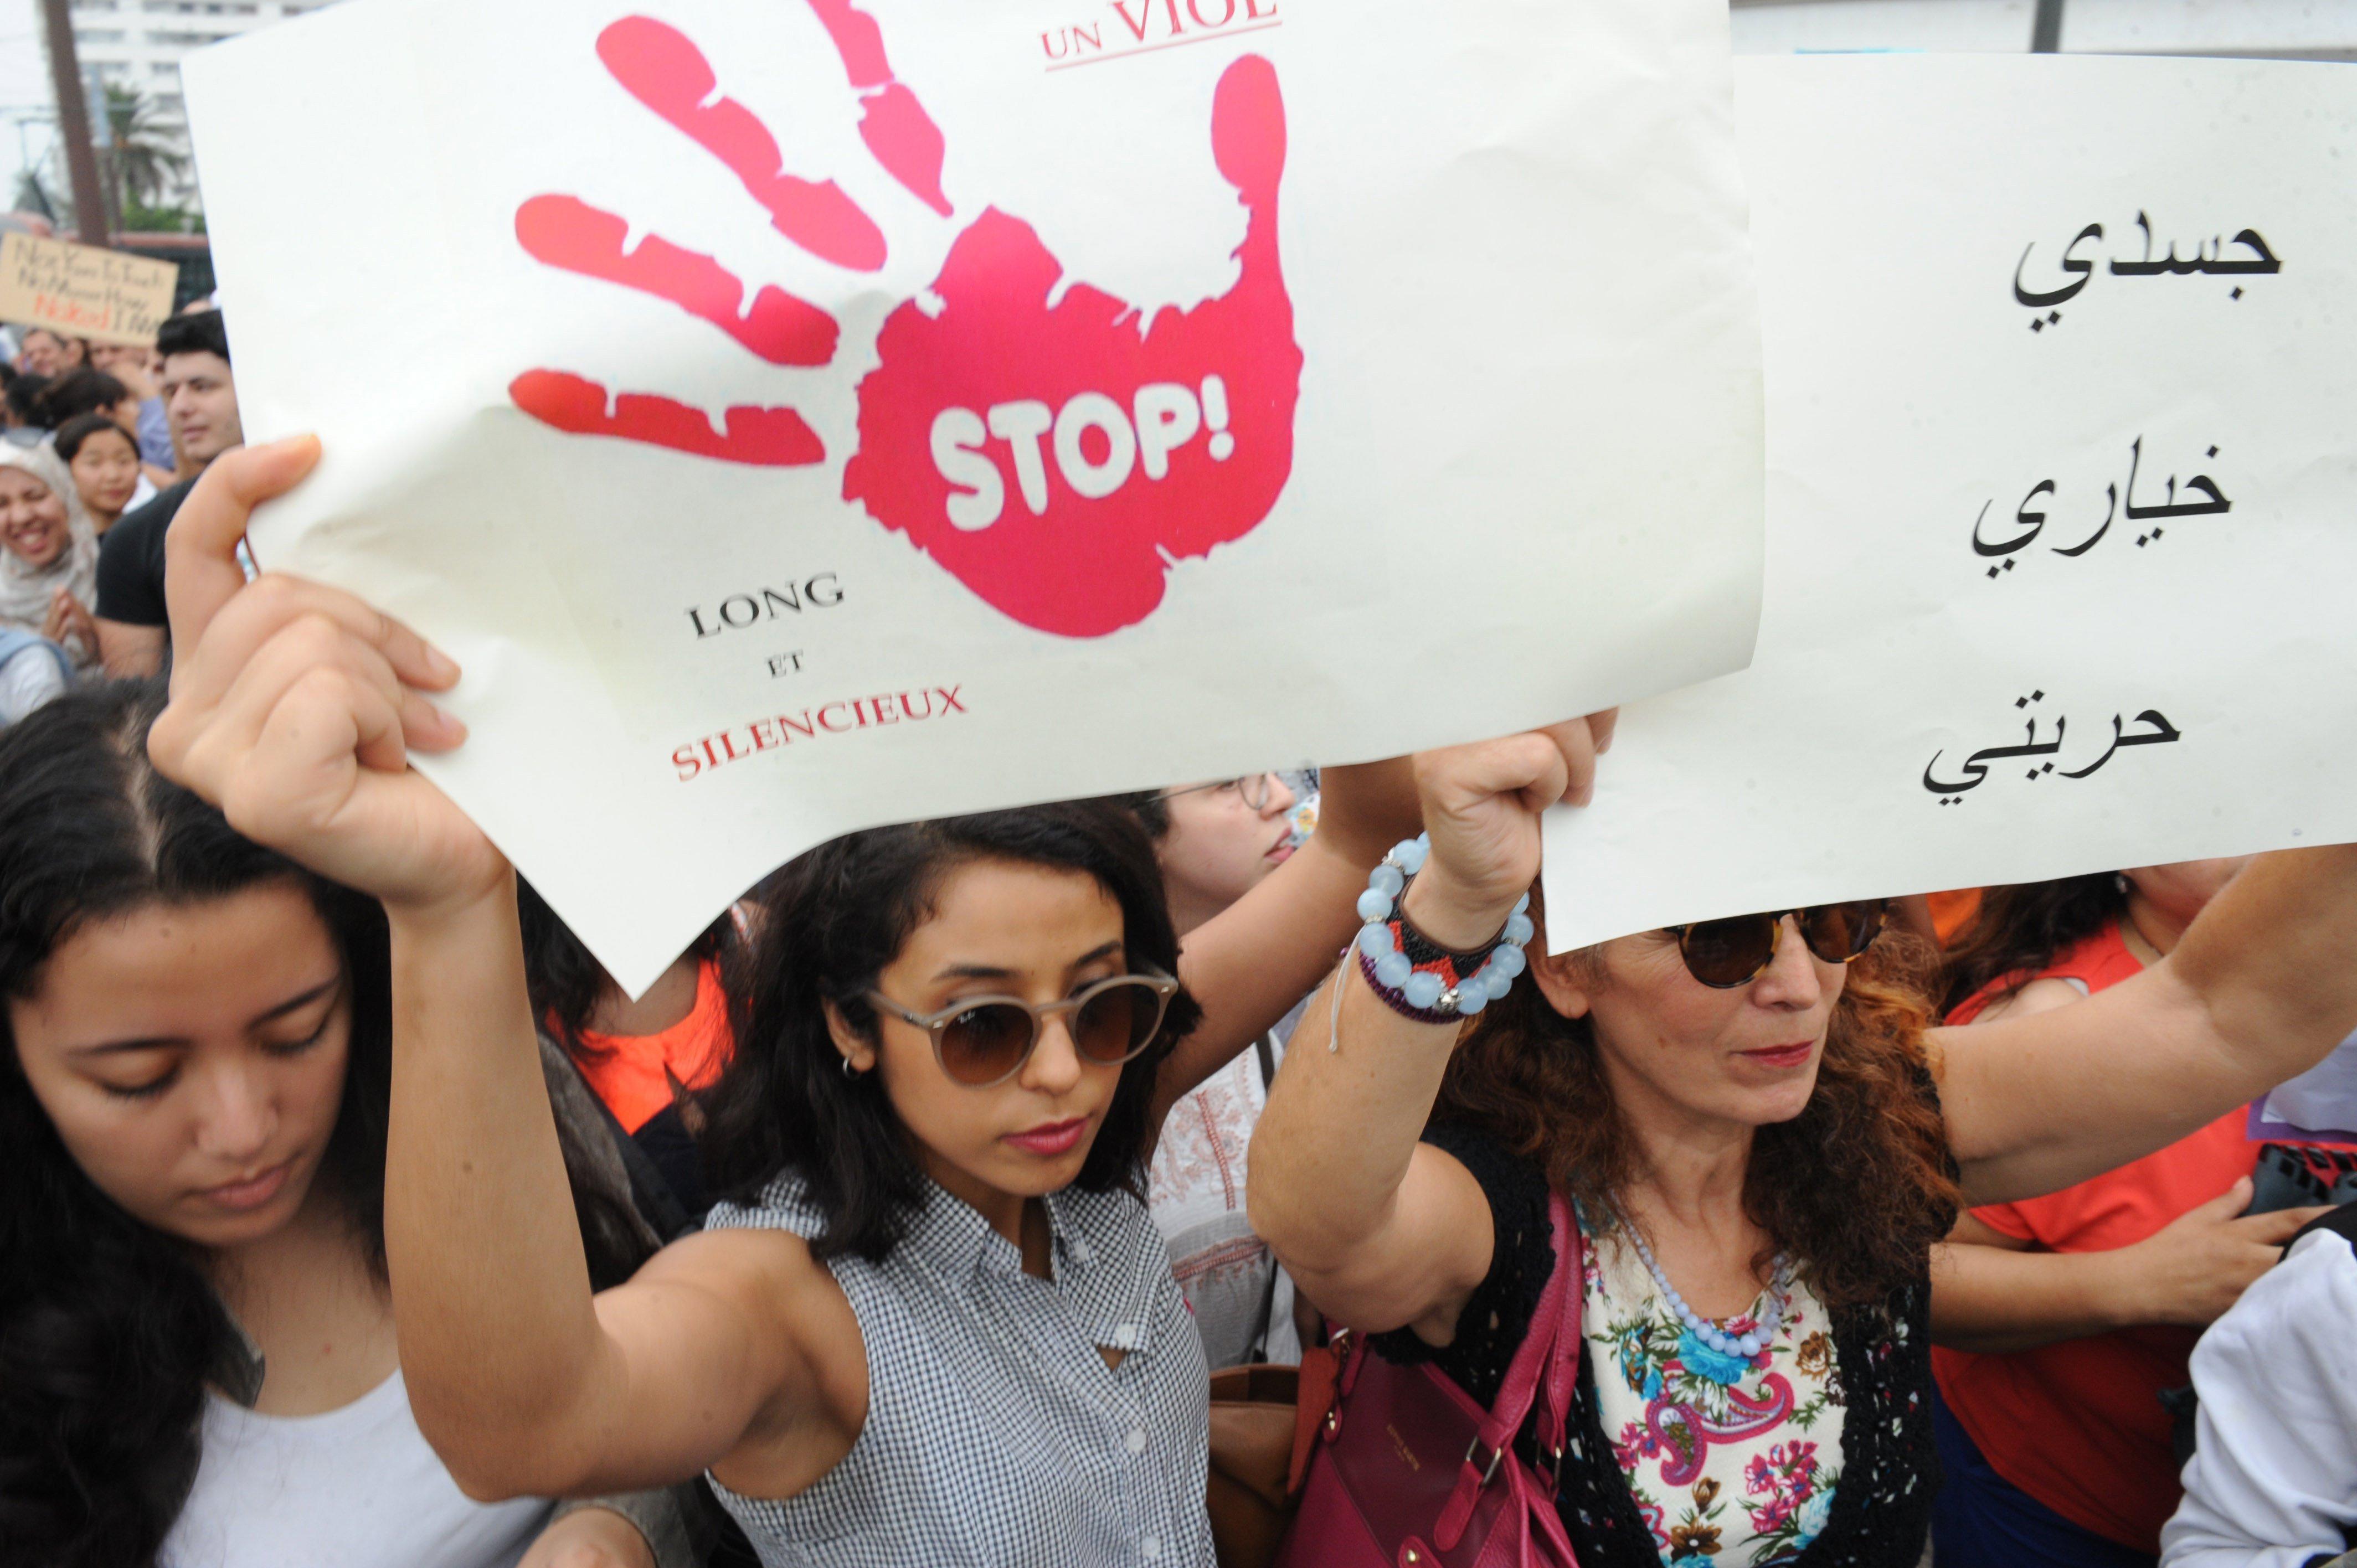 Ciutadans marroquins protesten contra l'abús sexual que va sofrir una jove discapacitada de 24 anys. /ABDELHAK SENNA